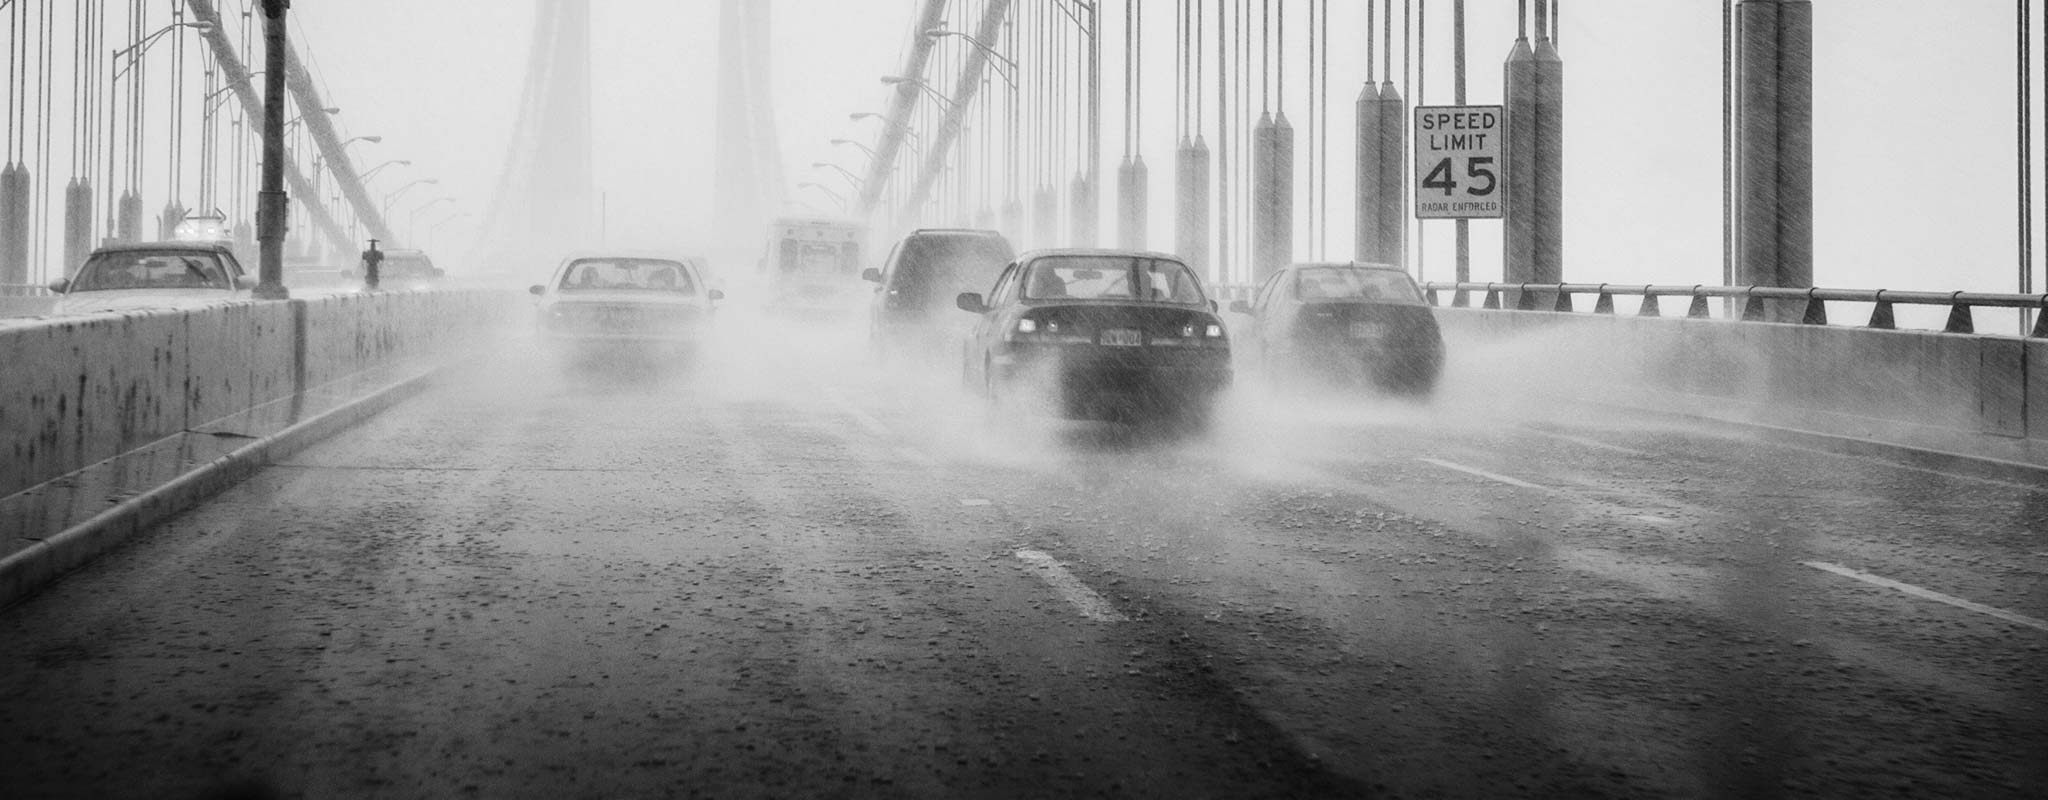 Cars on a wet rainy bridge.